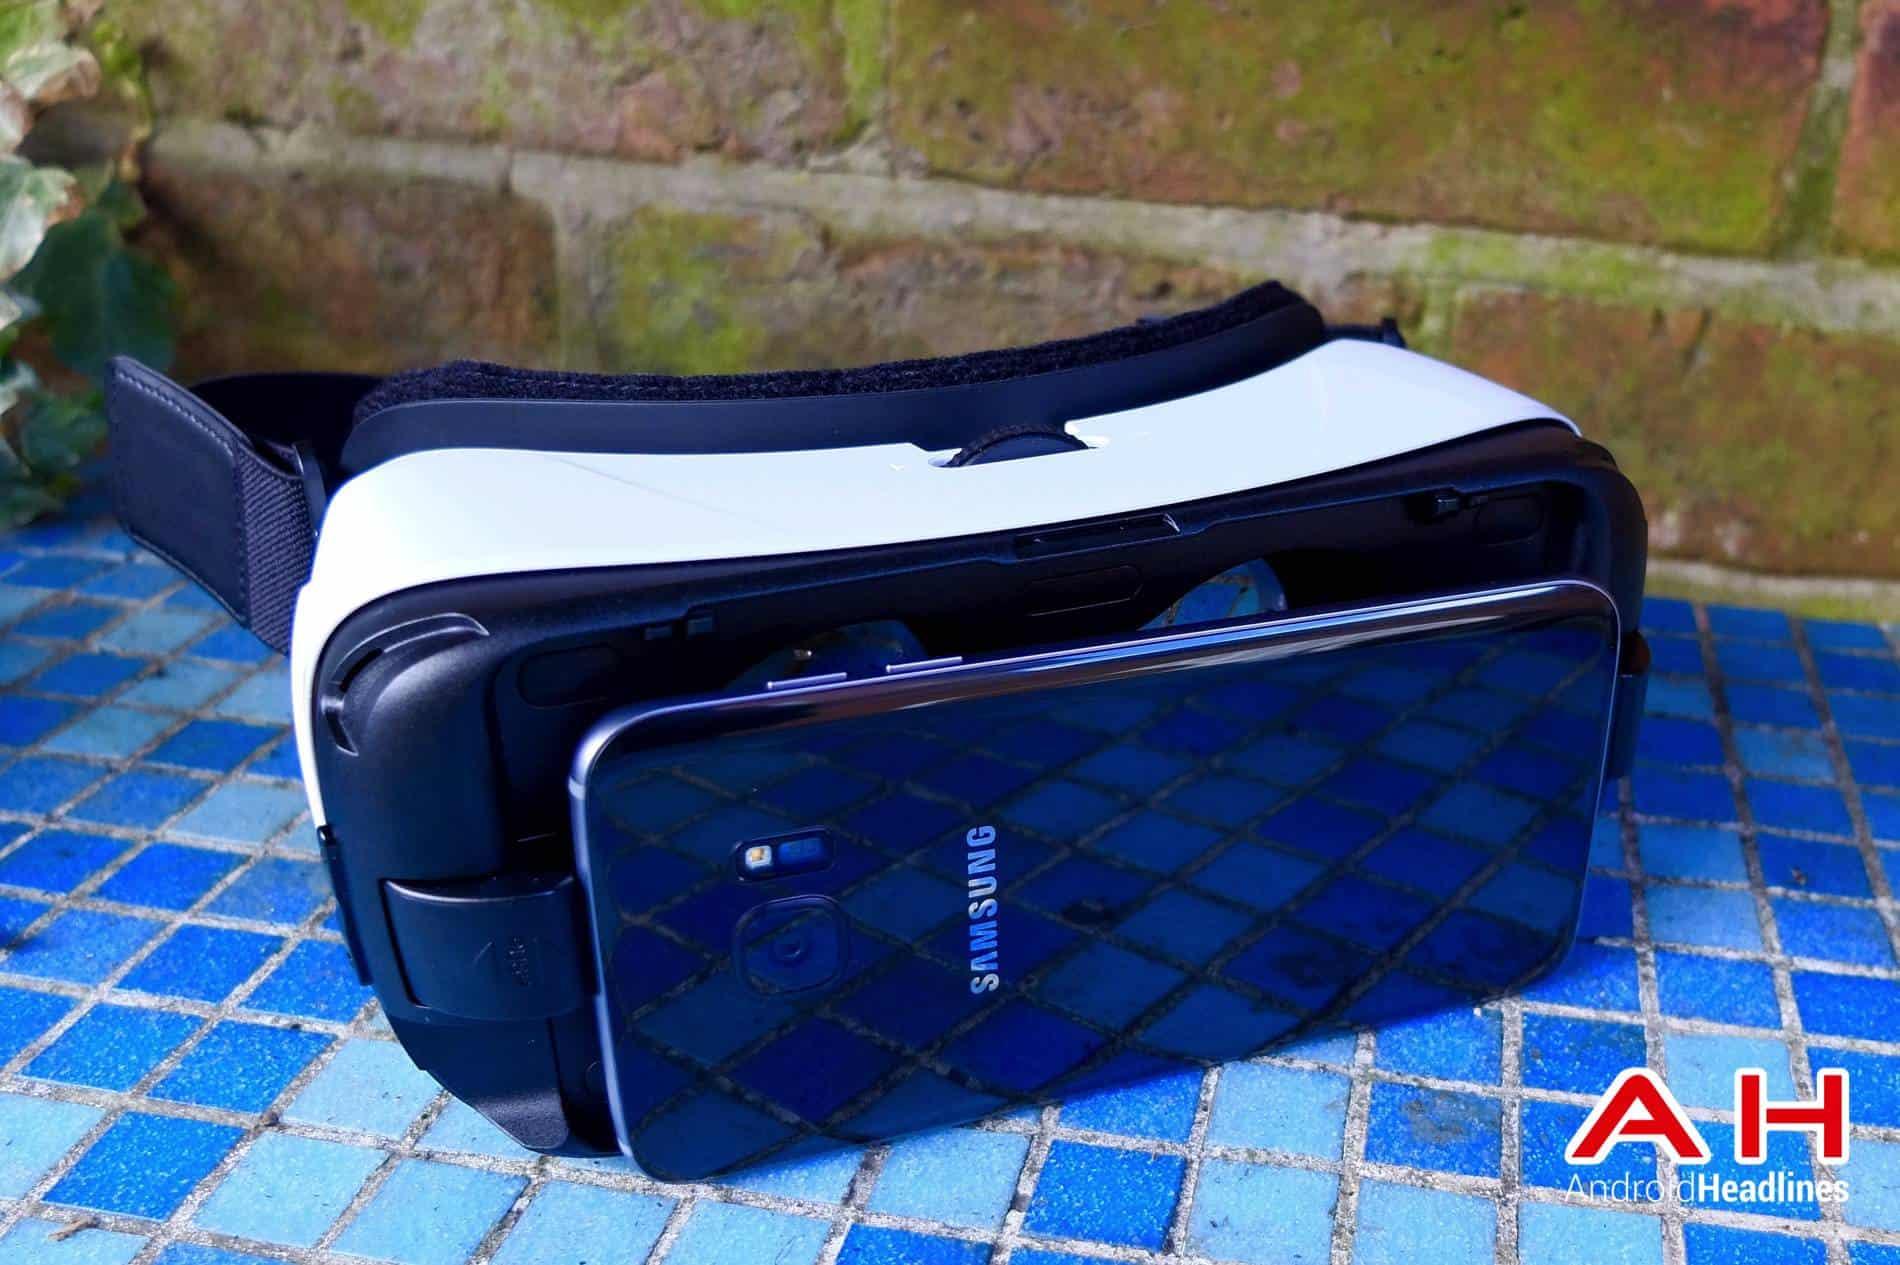 Samsung Gear VR TD AH 13